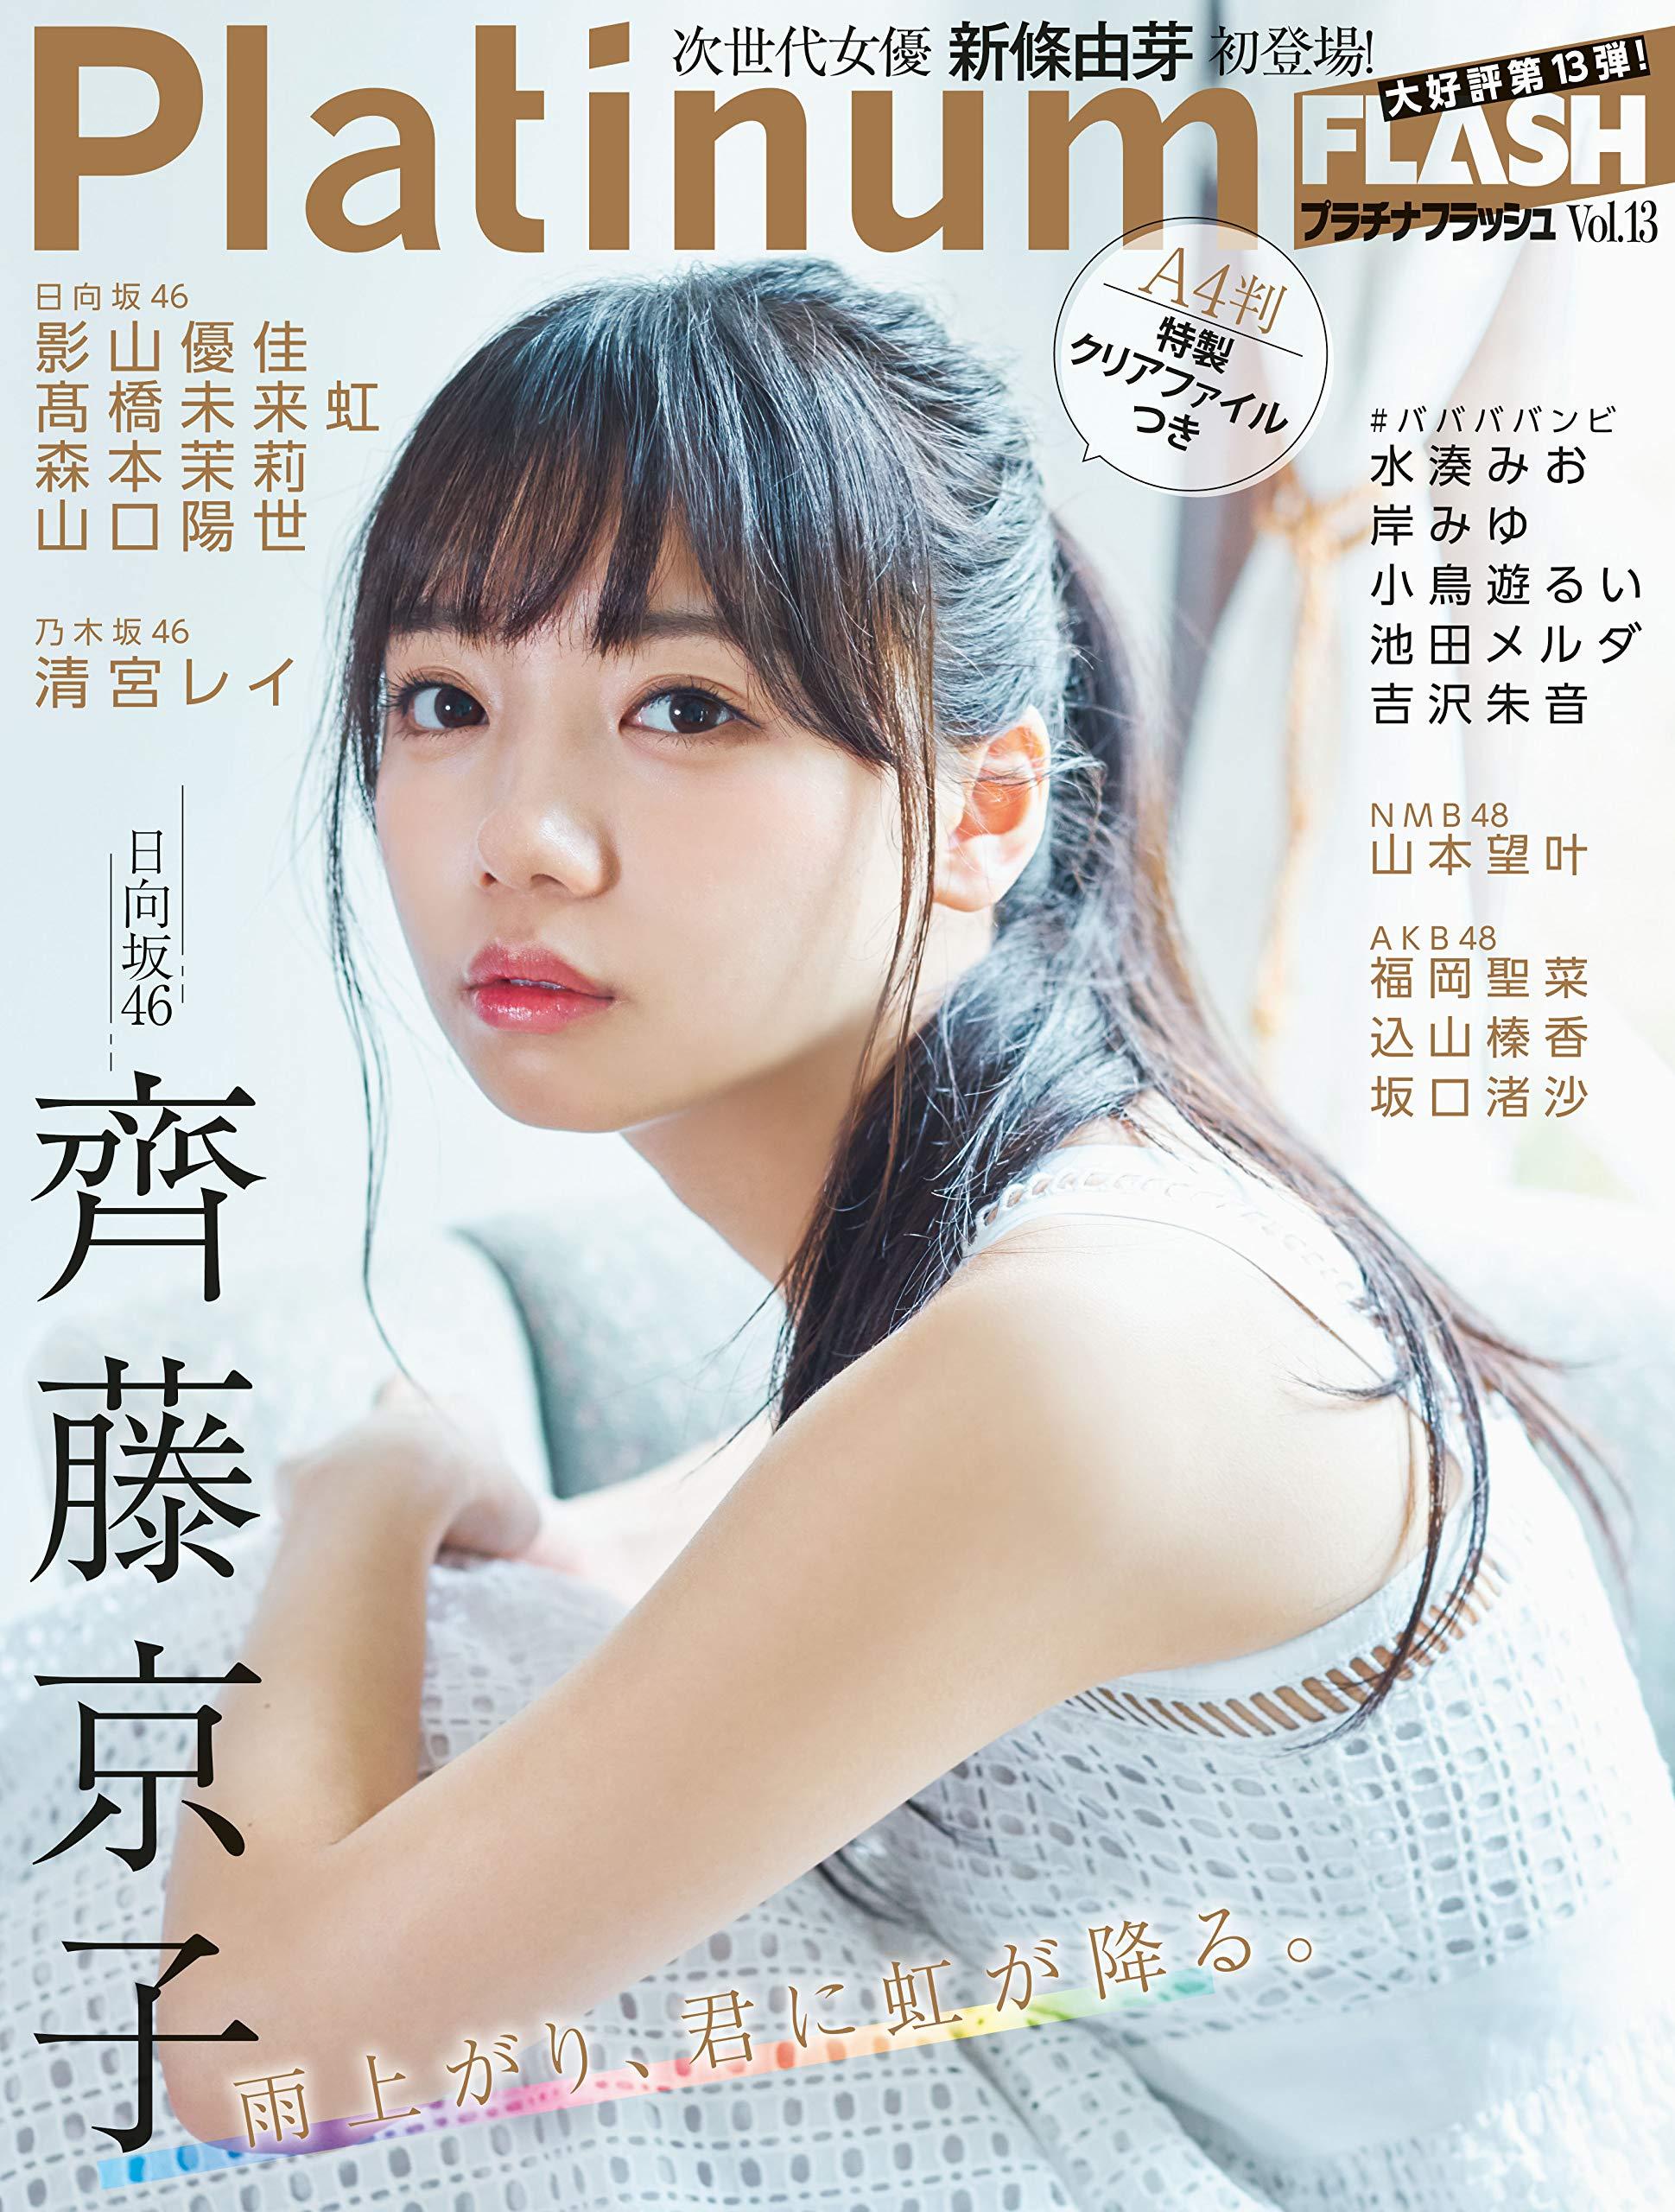 Platinum FLASH Vol.13 日向坂46 齊藤京子